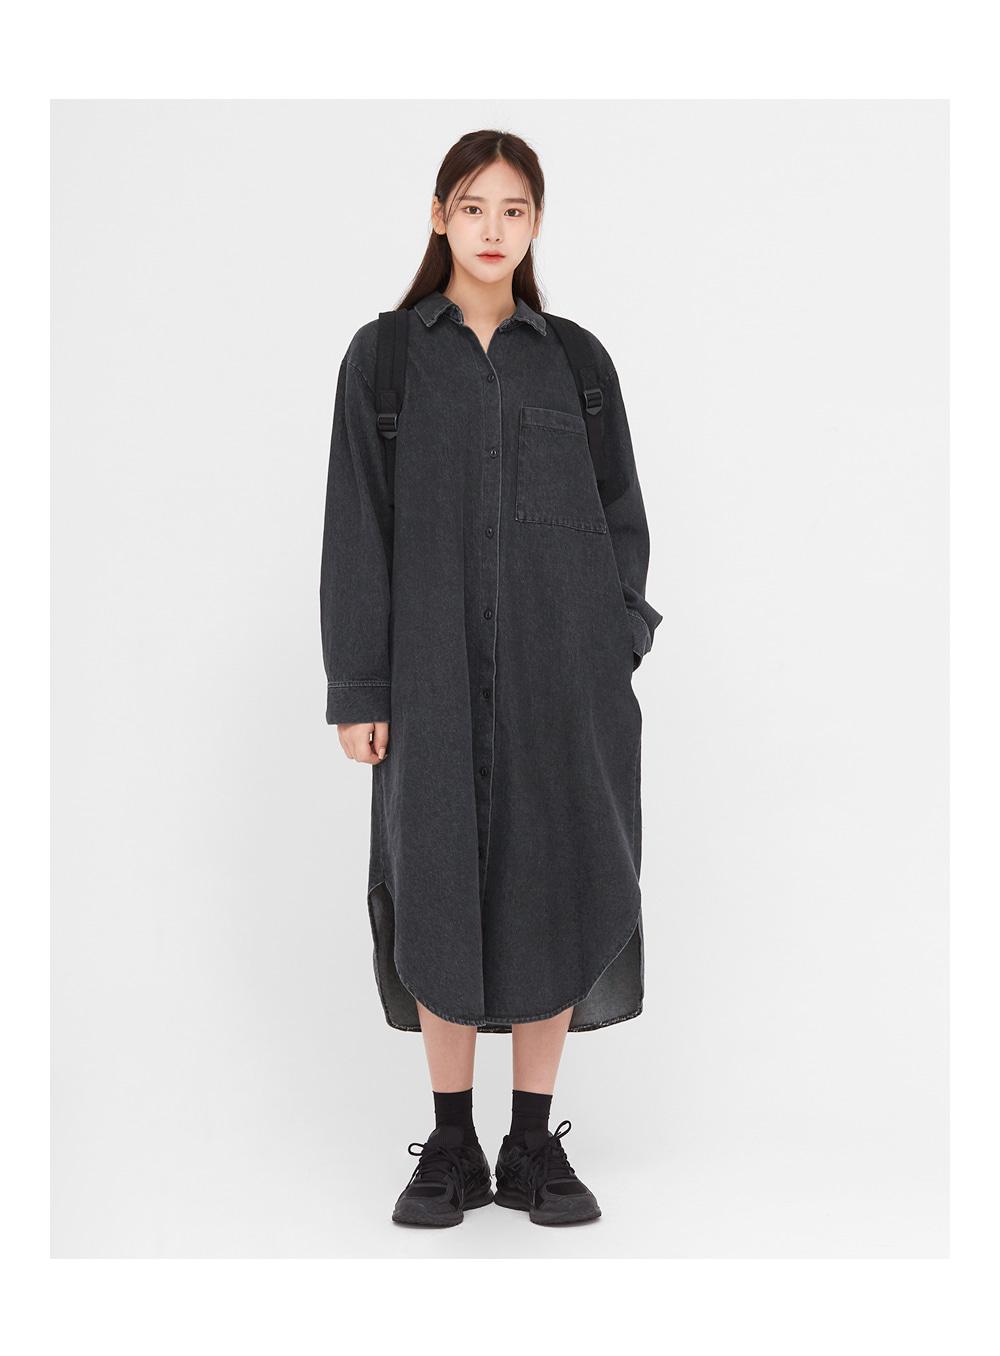 wear black denim long ops